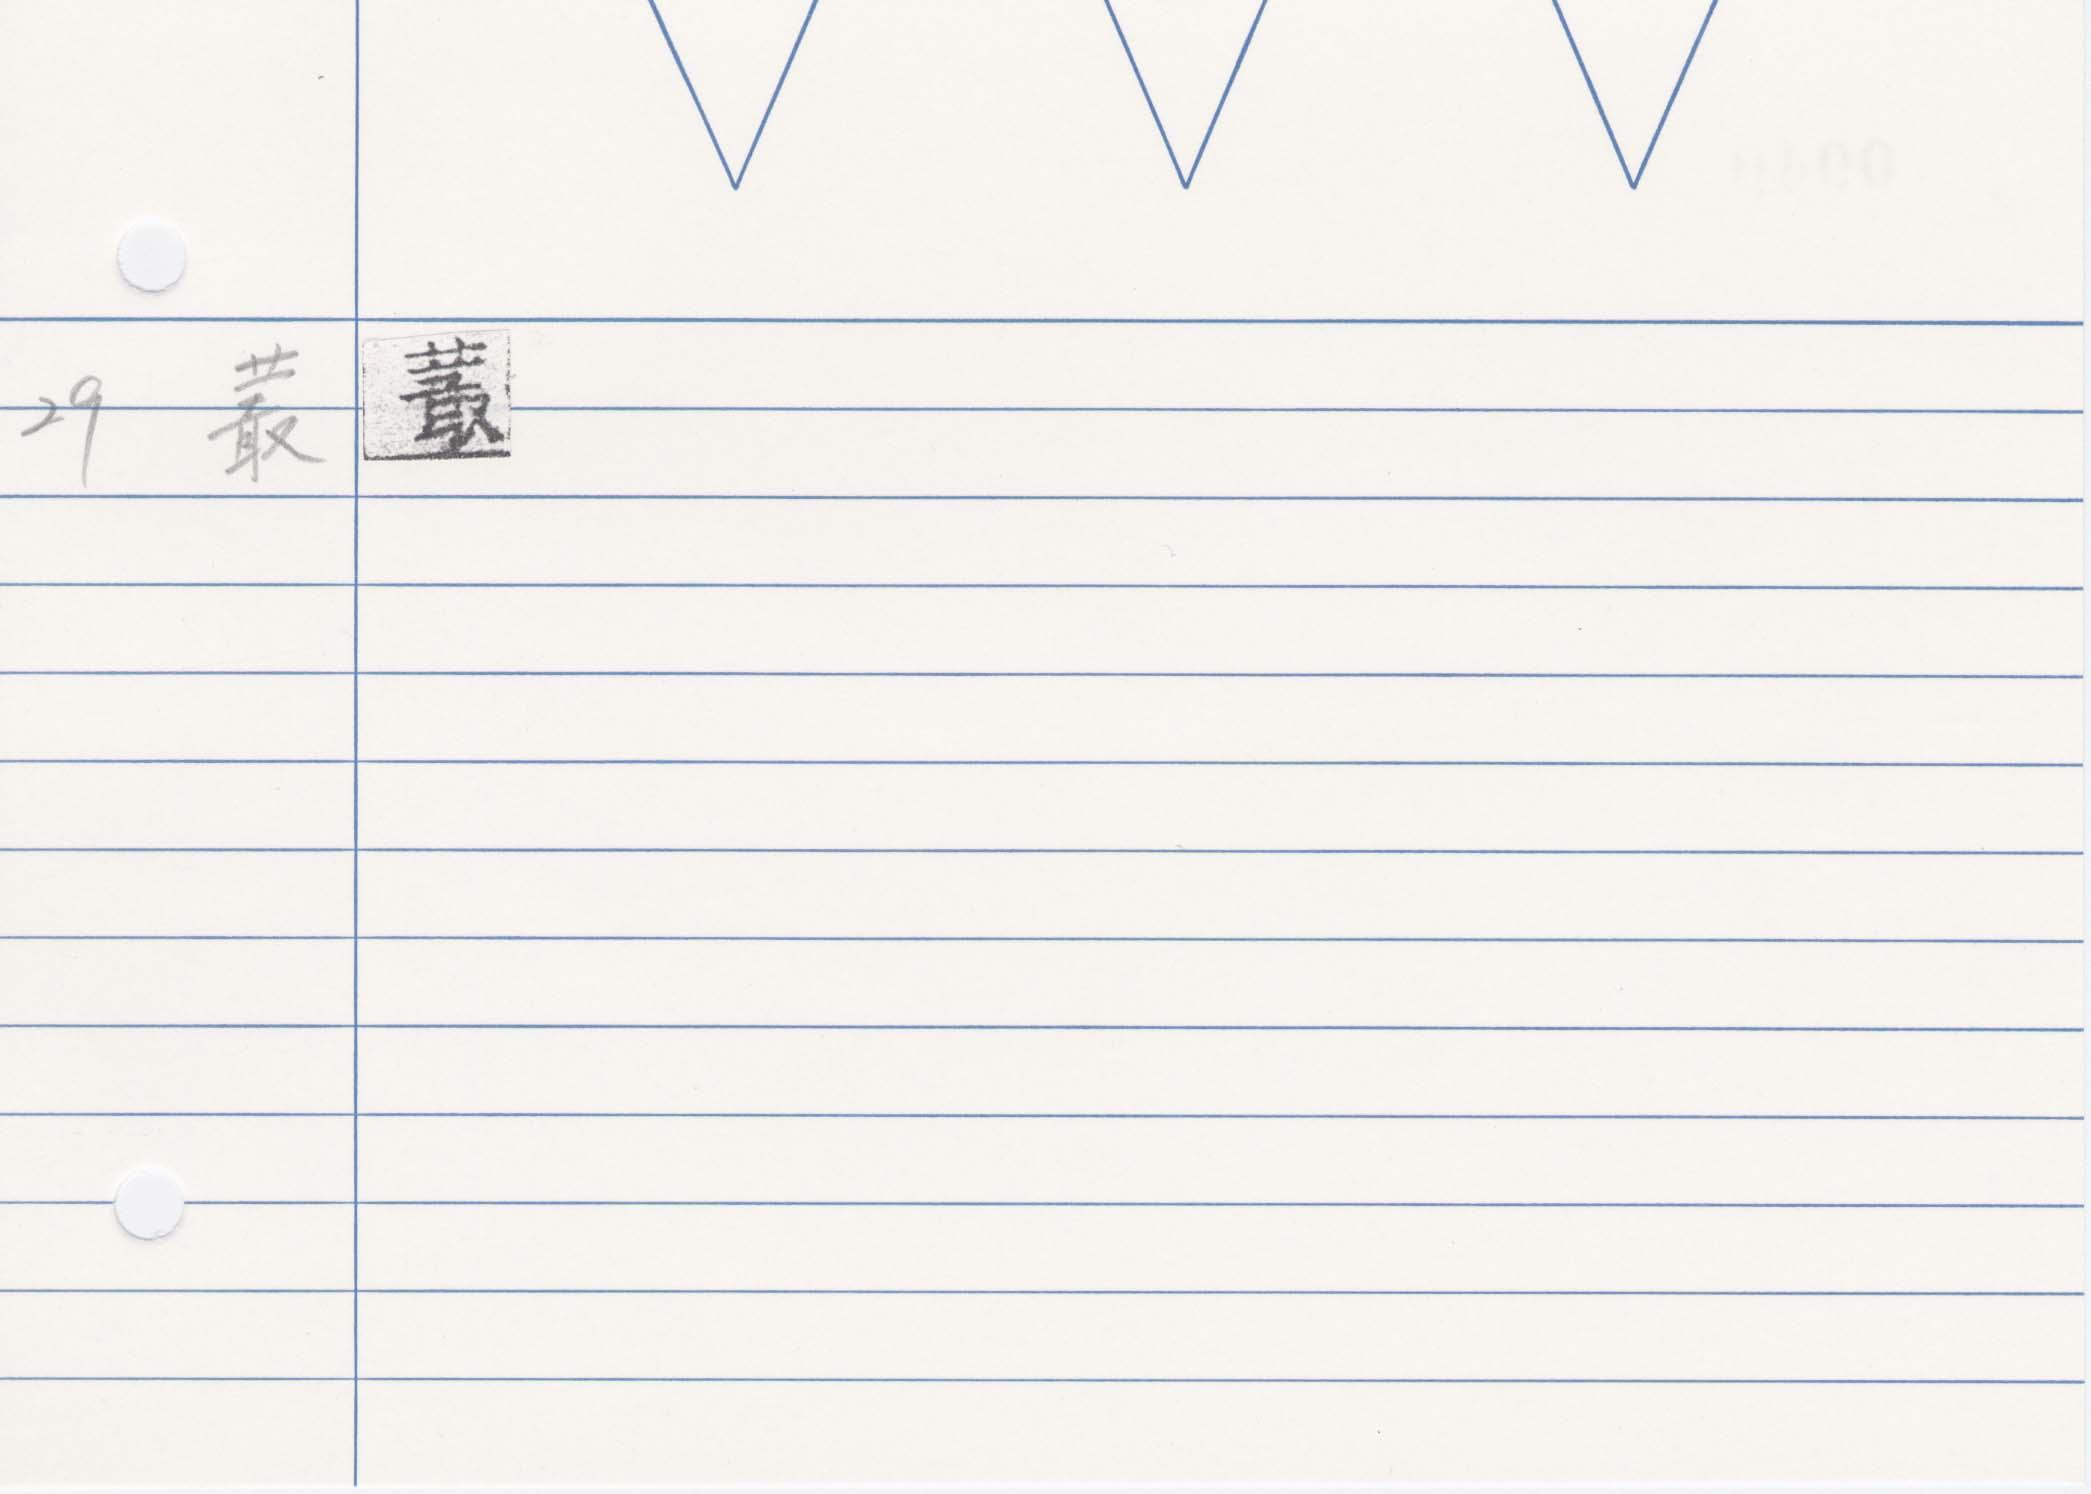 26_齊民要術卷五(高山寺本)/cards/0040.jpg